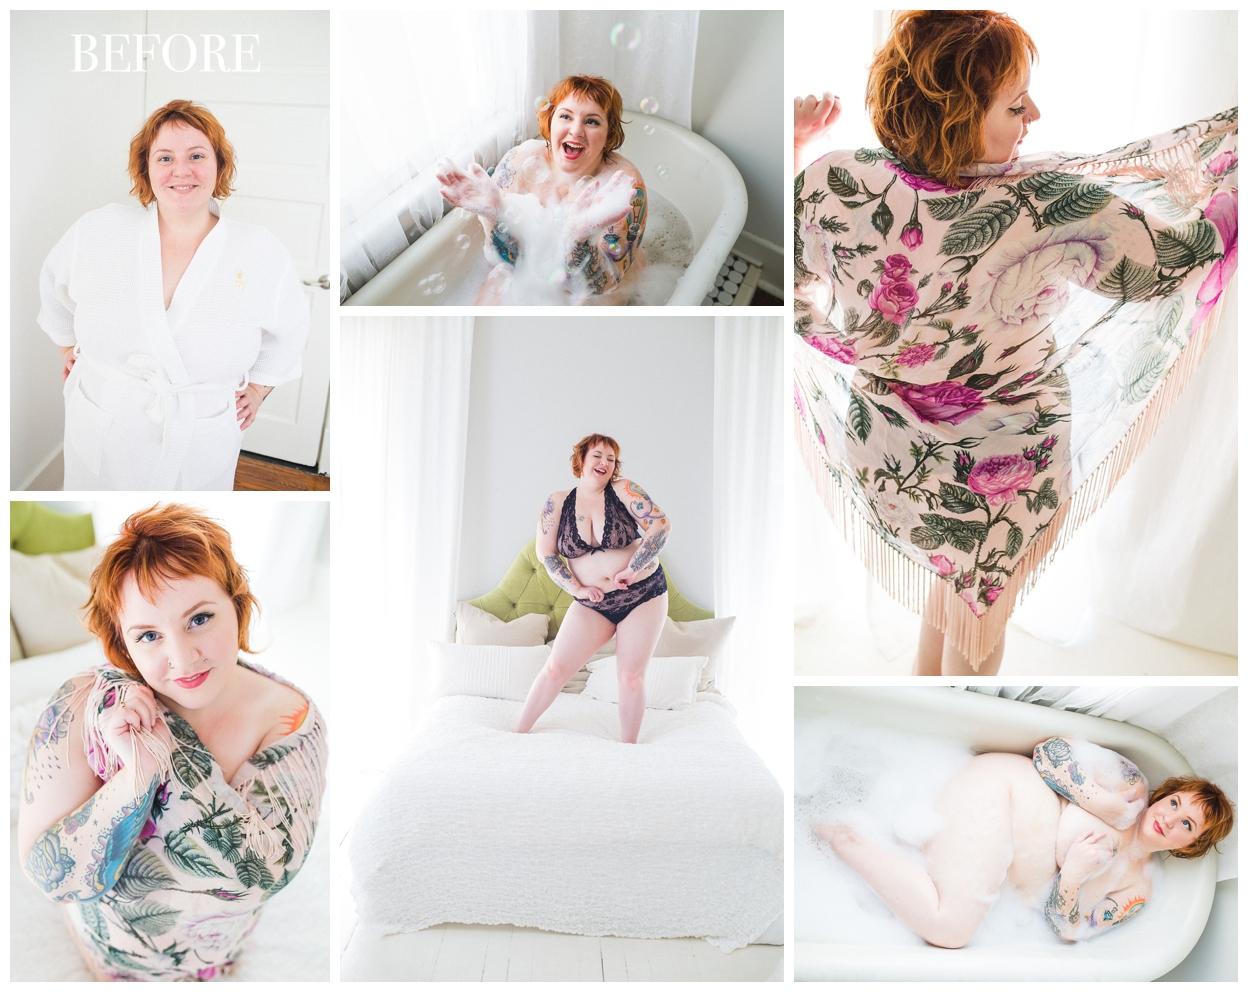 before-after-boudoir-kansas-city-missouri-empowerment-photographer-001.jpg